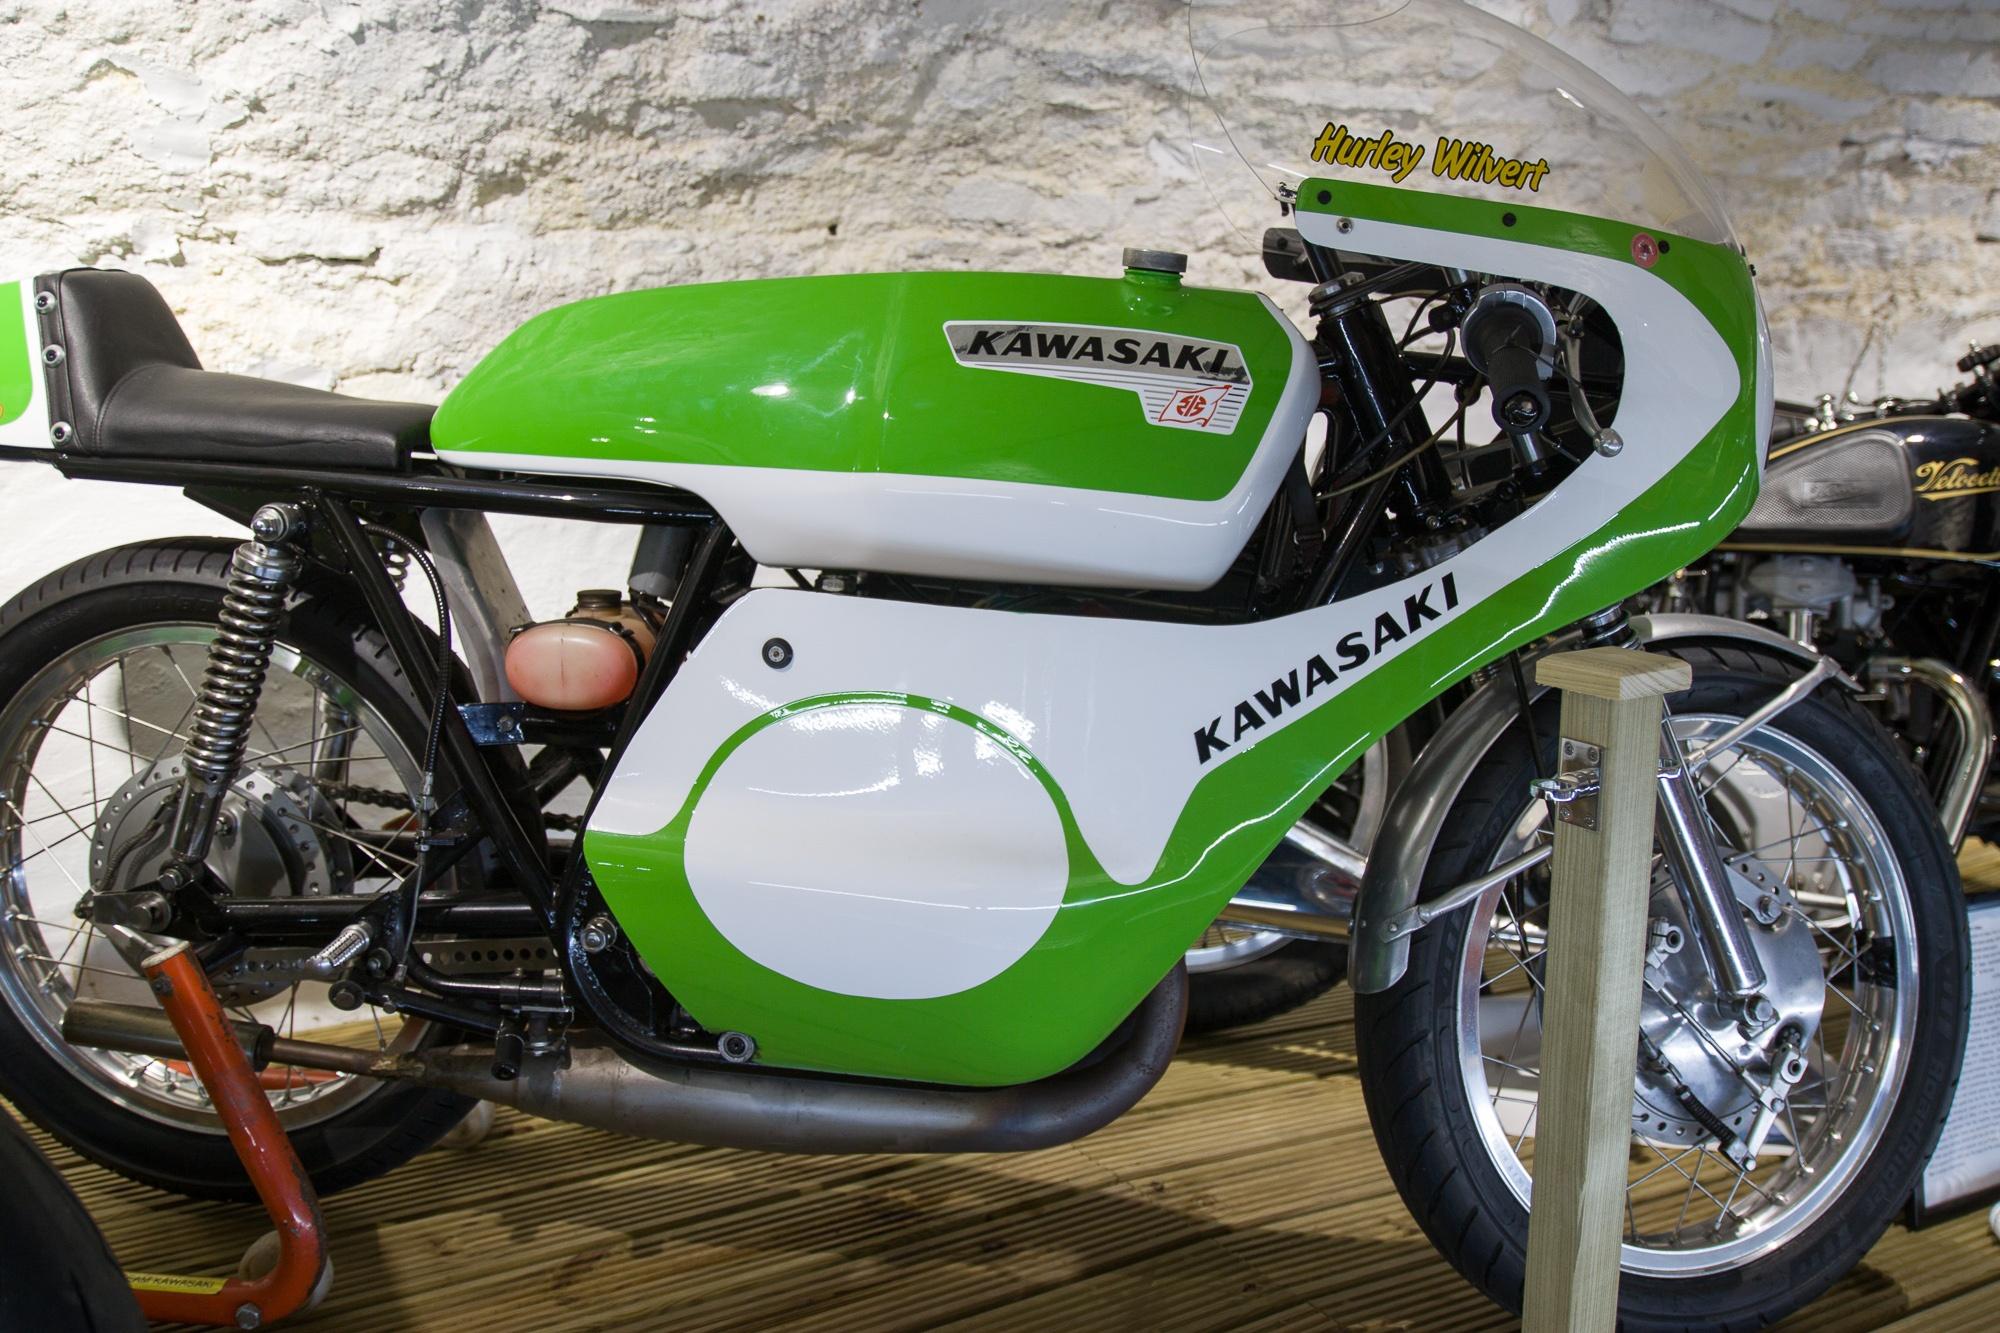 KAWASAKI A1R 250cc 1966